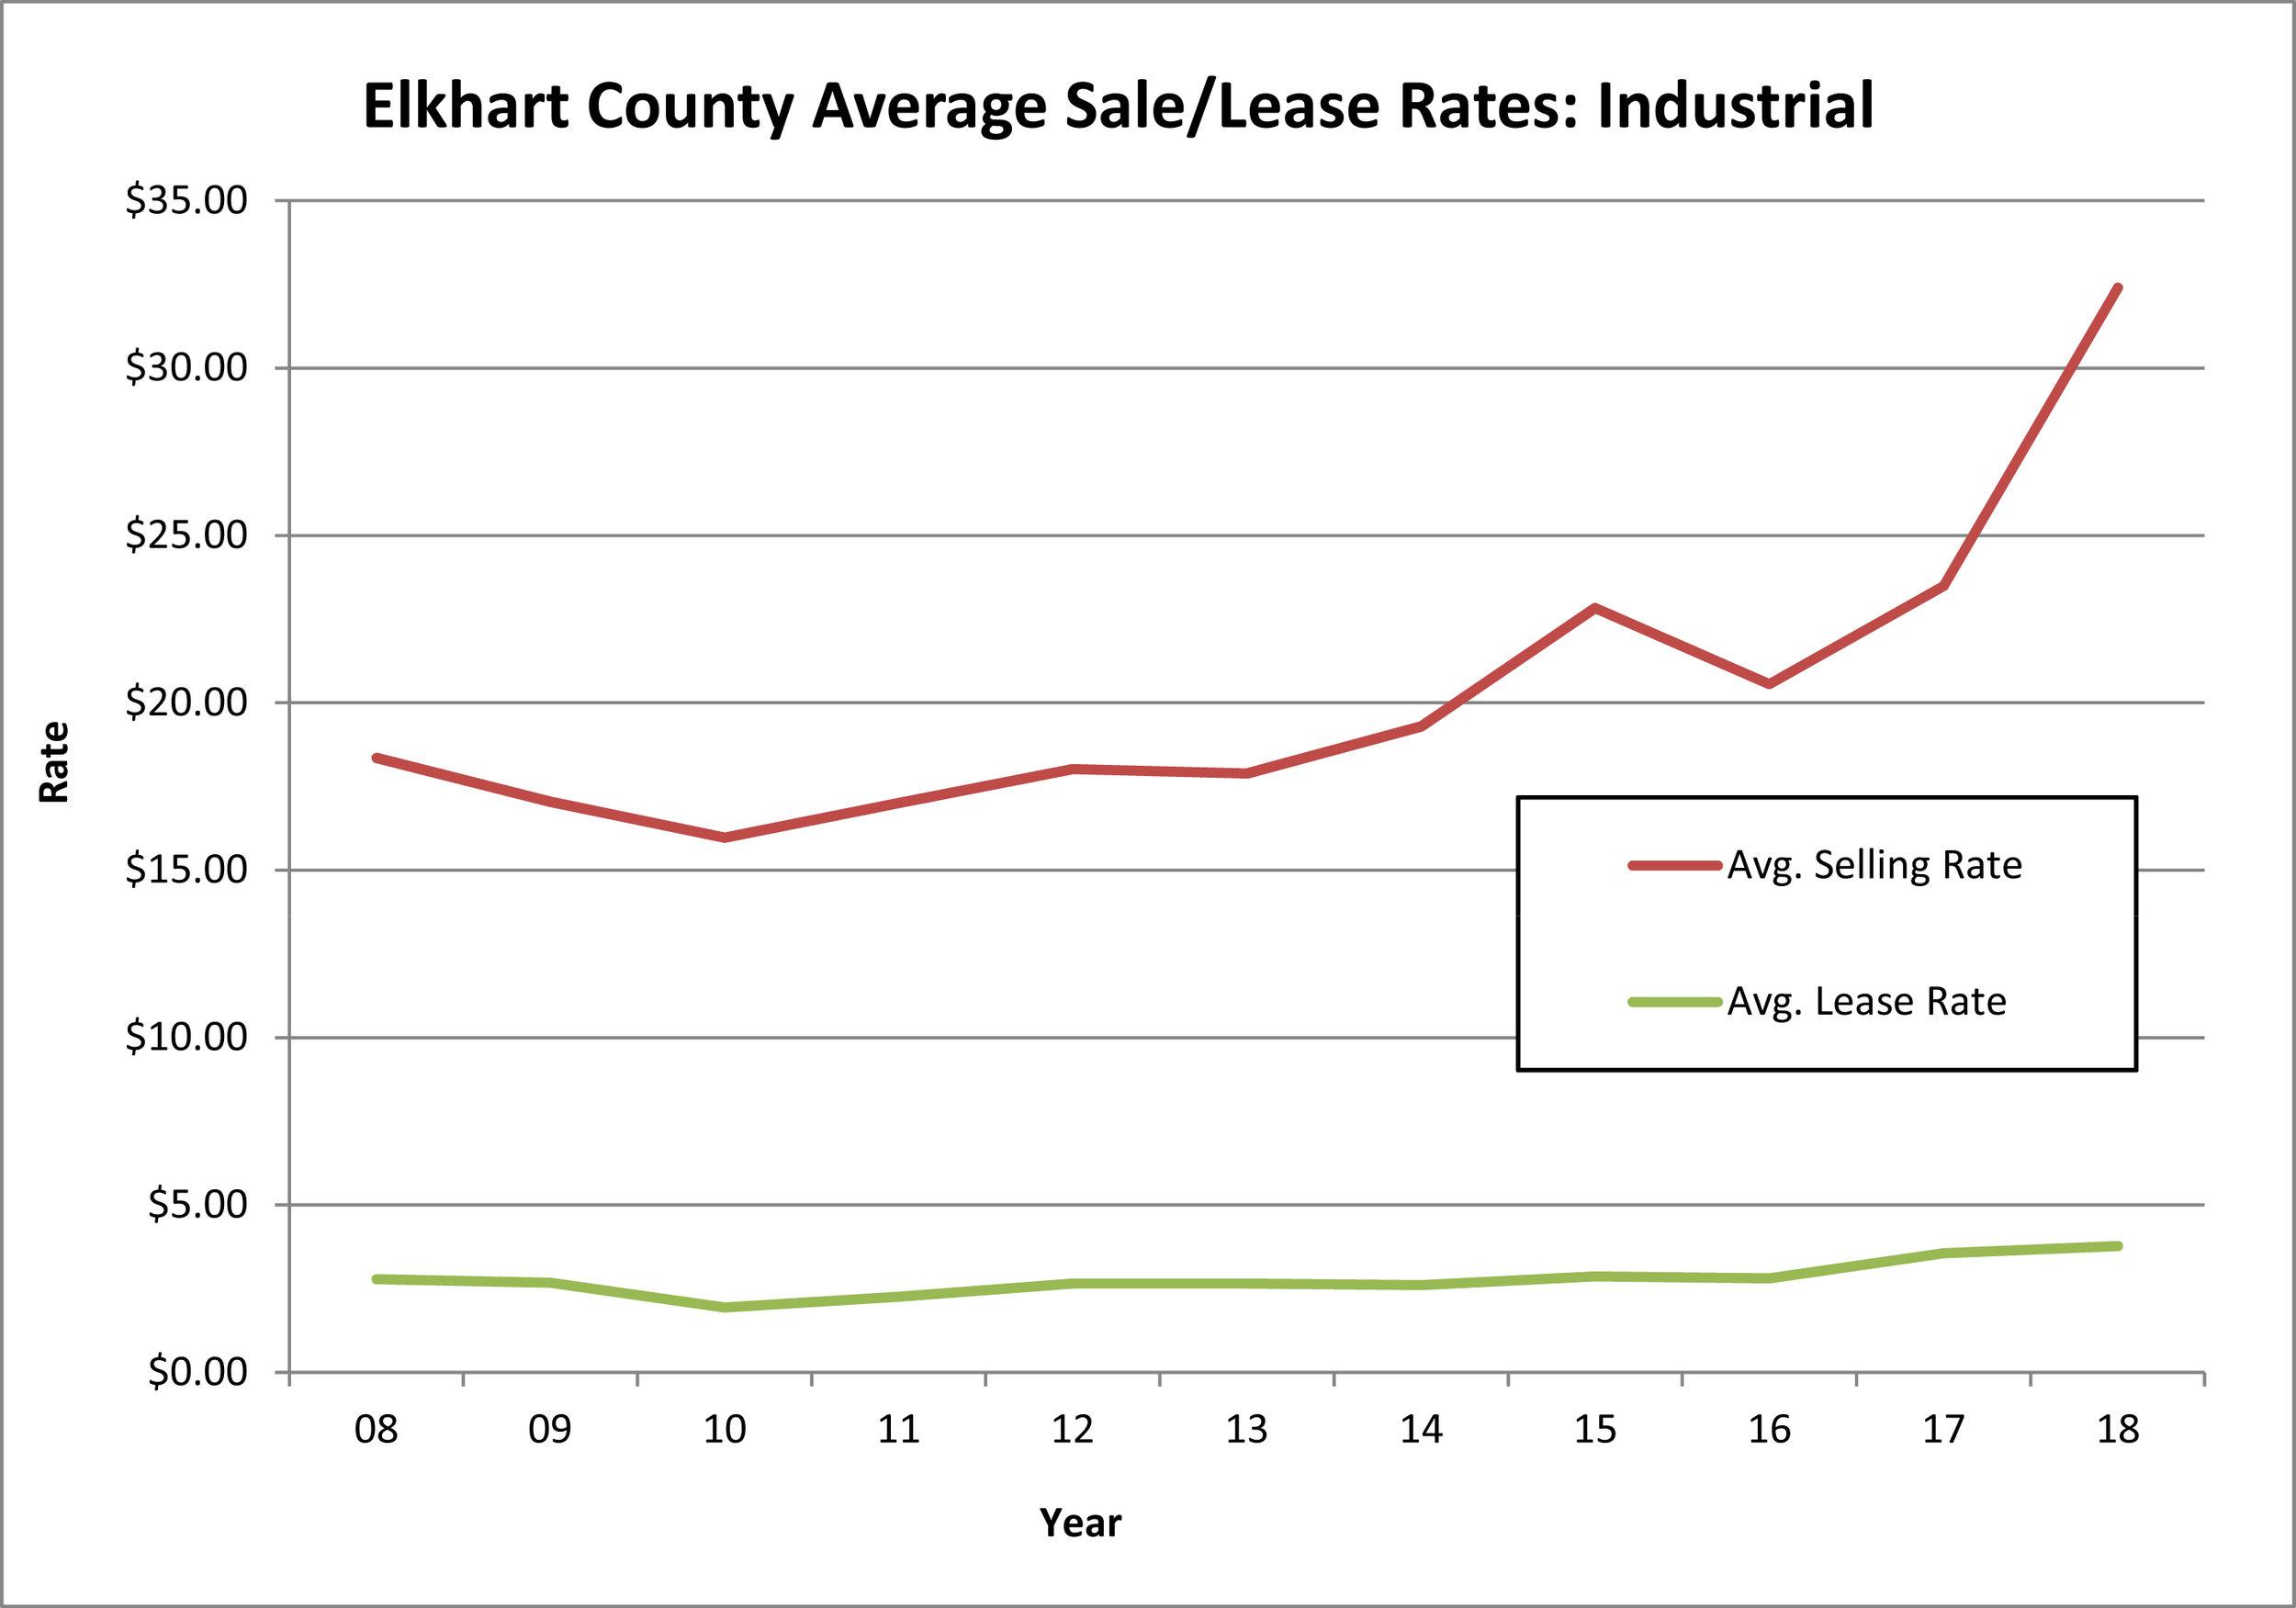 Elk-Co-2008-2019-rates.jpg